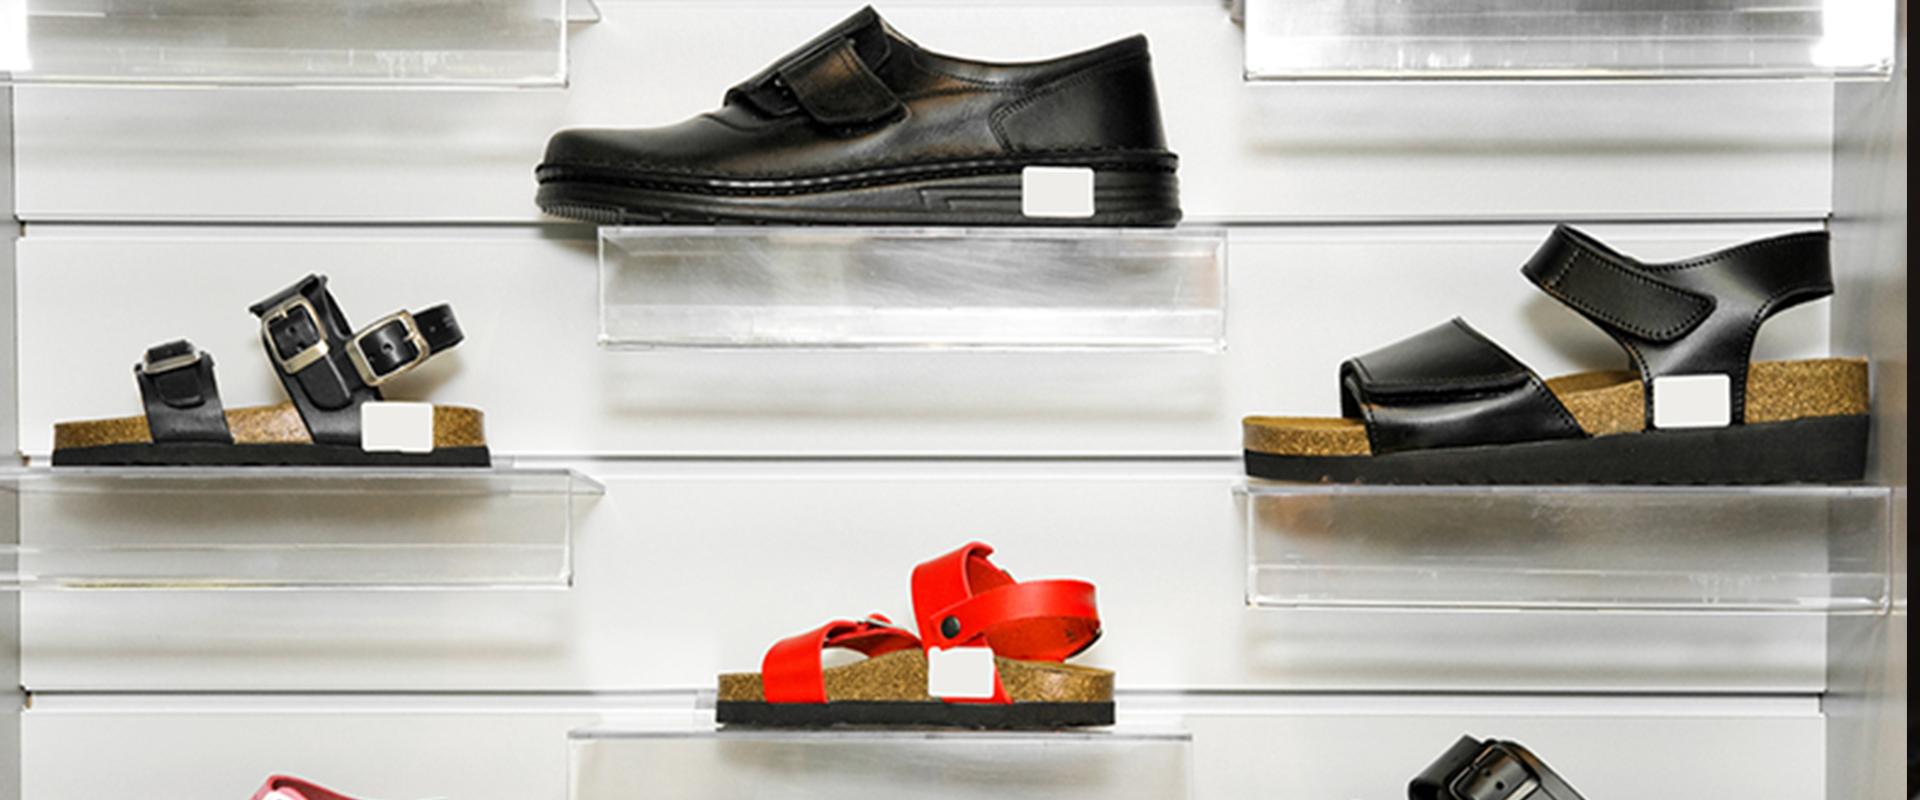 chaussures-orthopédiques-pharmacie-deleau-ligniere-chatelain-poix-de-picardie-aumale